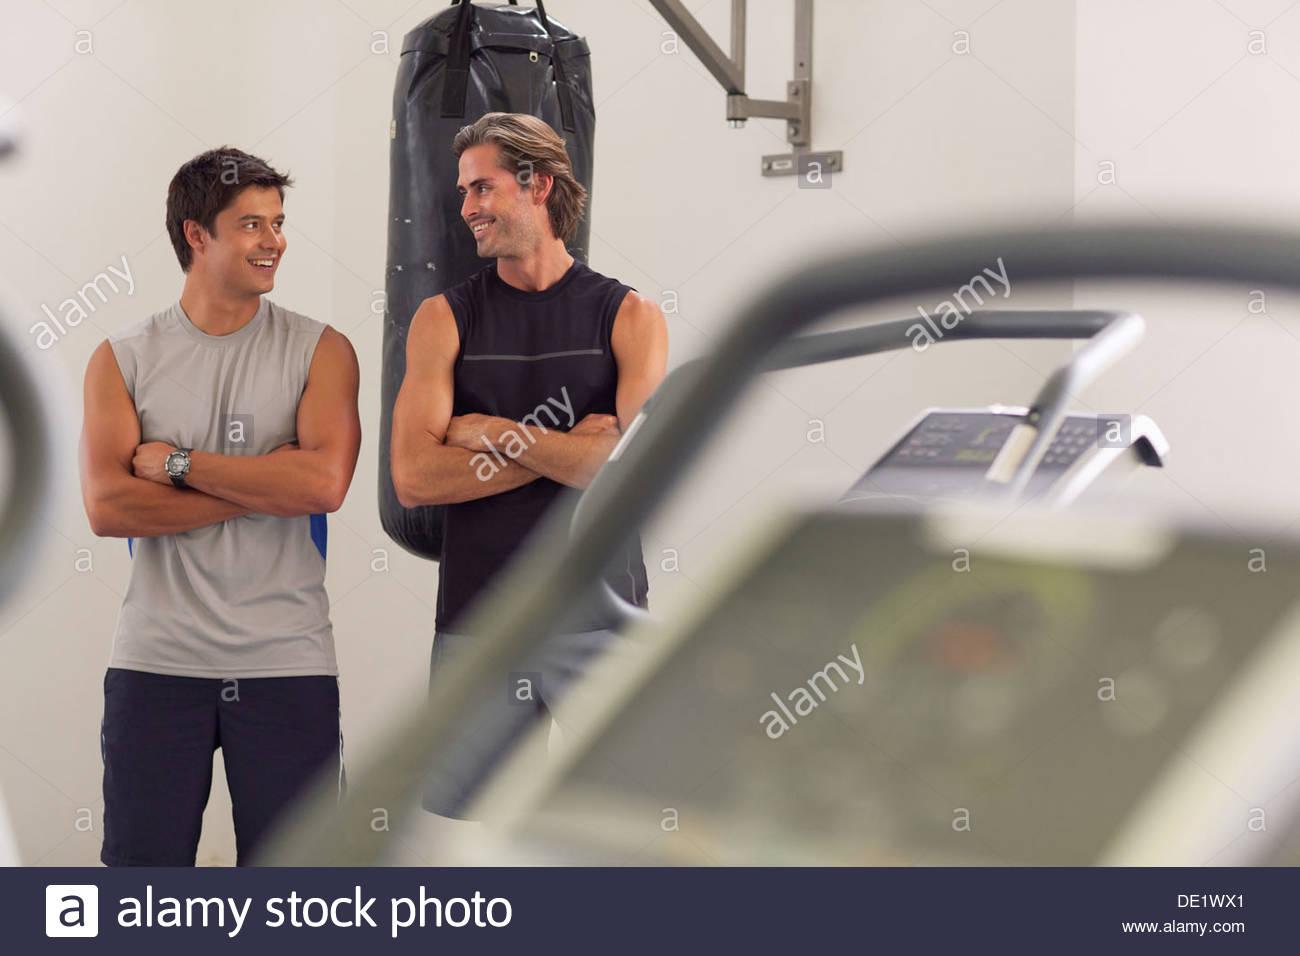 Ritratto di uomini sorridenti con le braccia incrociate nella parte anteriore del sacco da boxe Immagini Stock